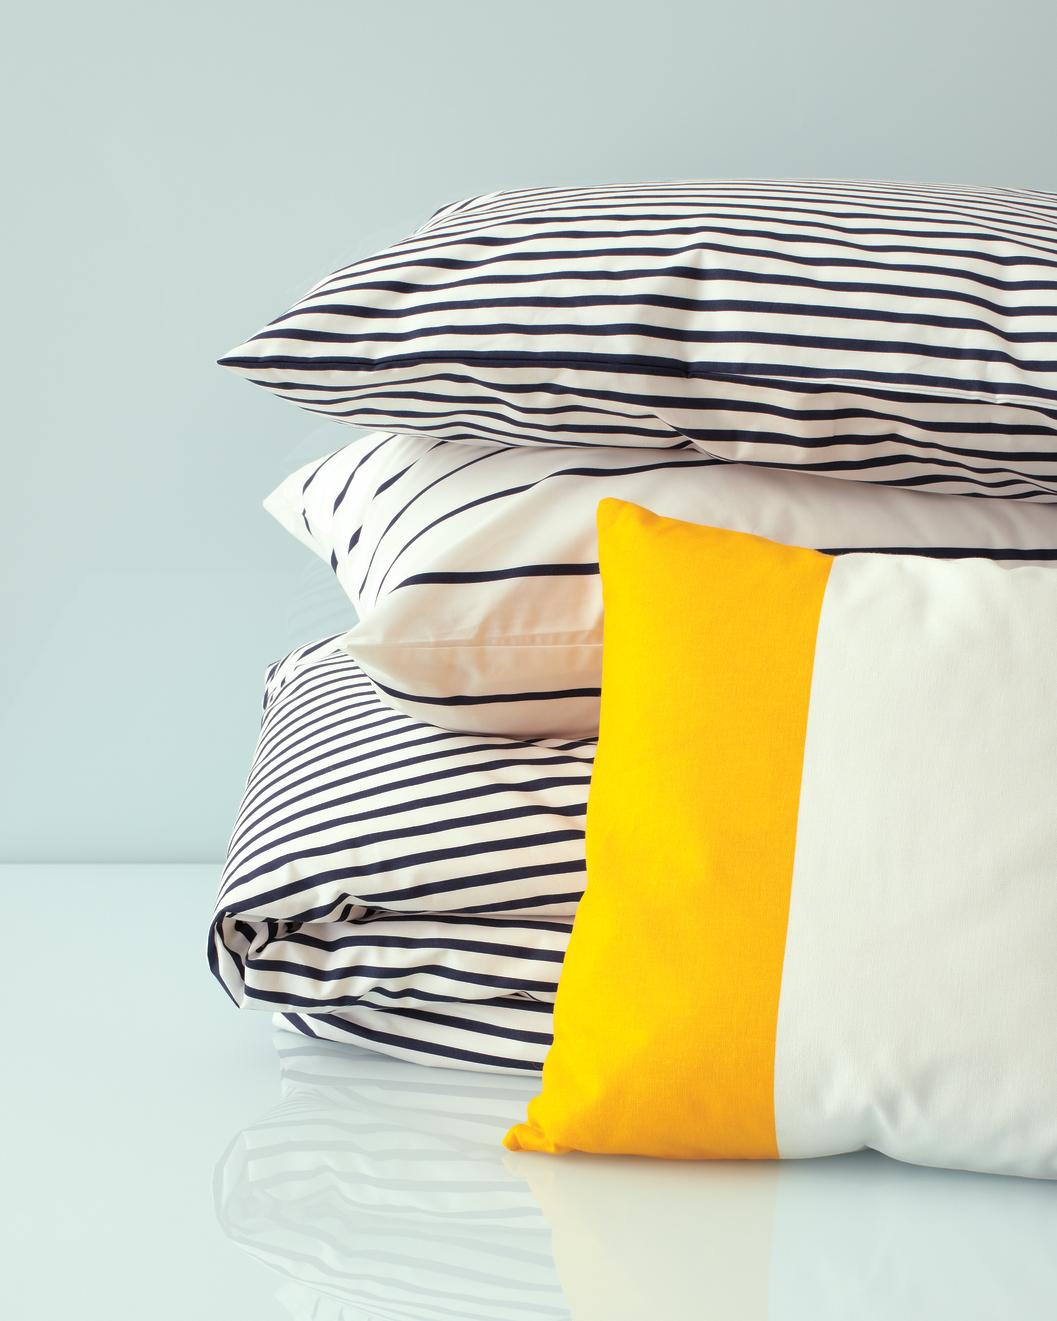 bedding-mwd108267.jpg